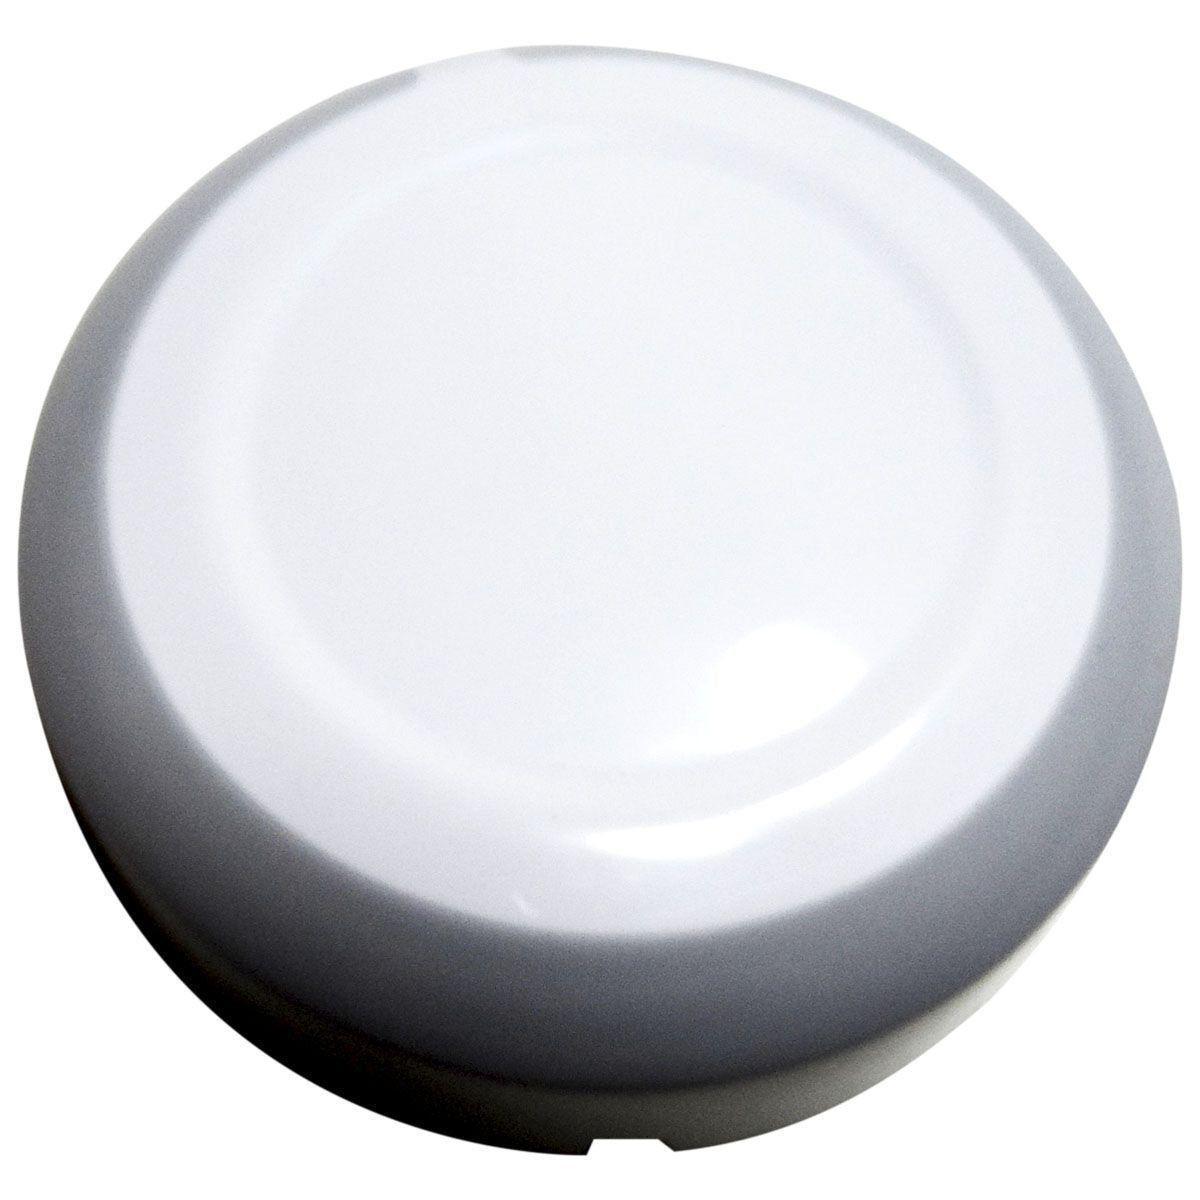 Botão Seletor Programa Lavadora Electrolux 67400343